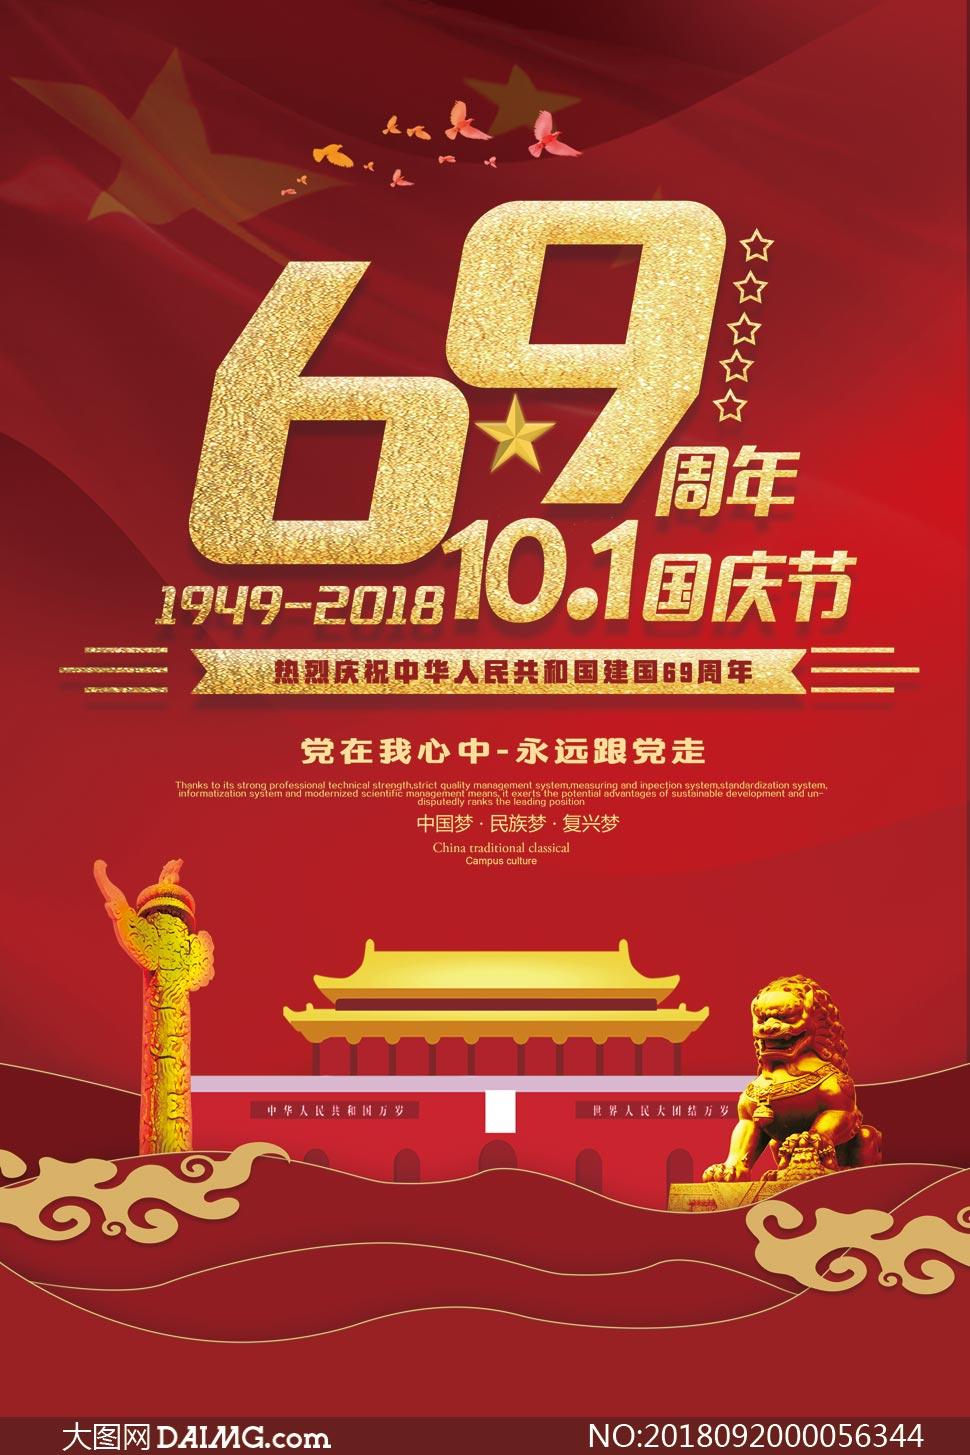 国庆69周年庆祝海报设计psd素材